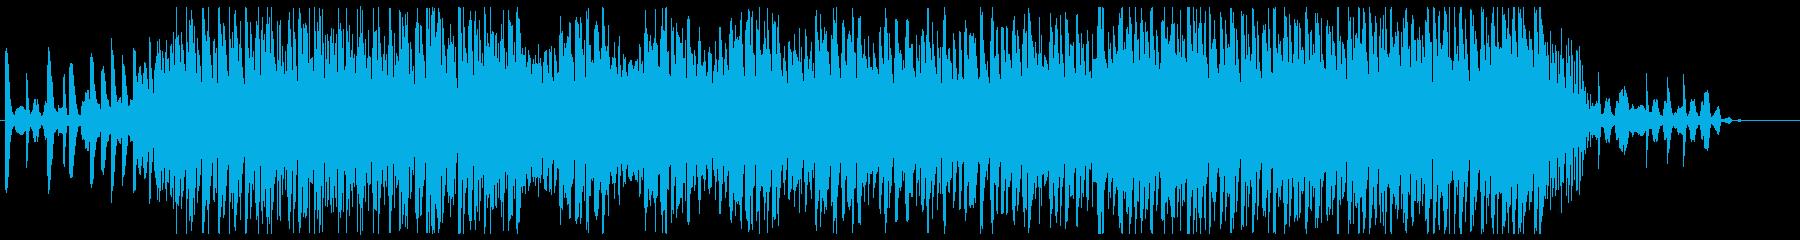 コンピュータや機械が並んだ研究所っぽい曲の再生済みの波形